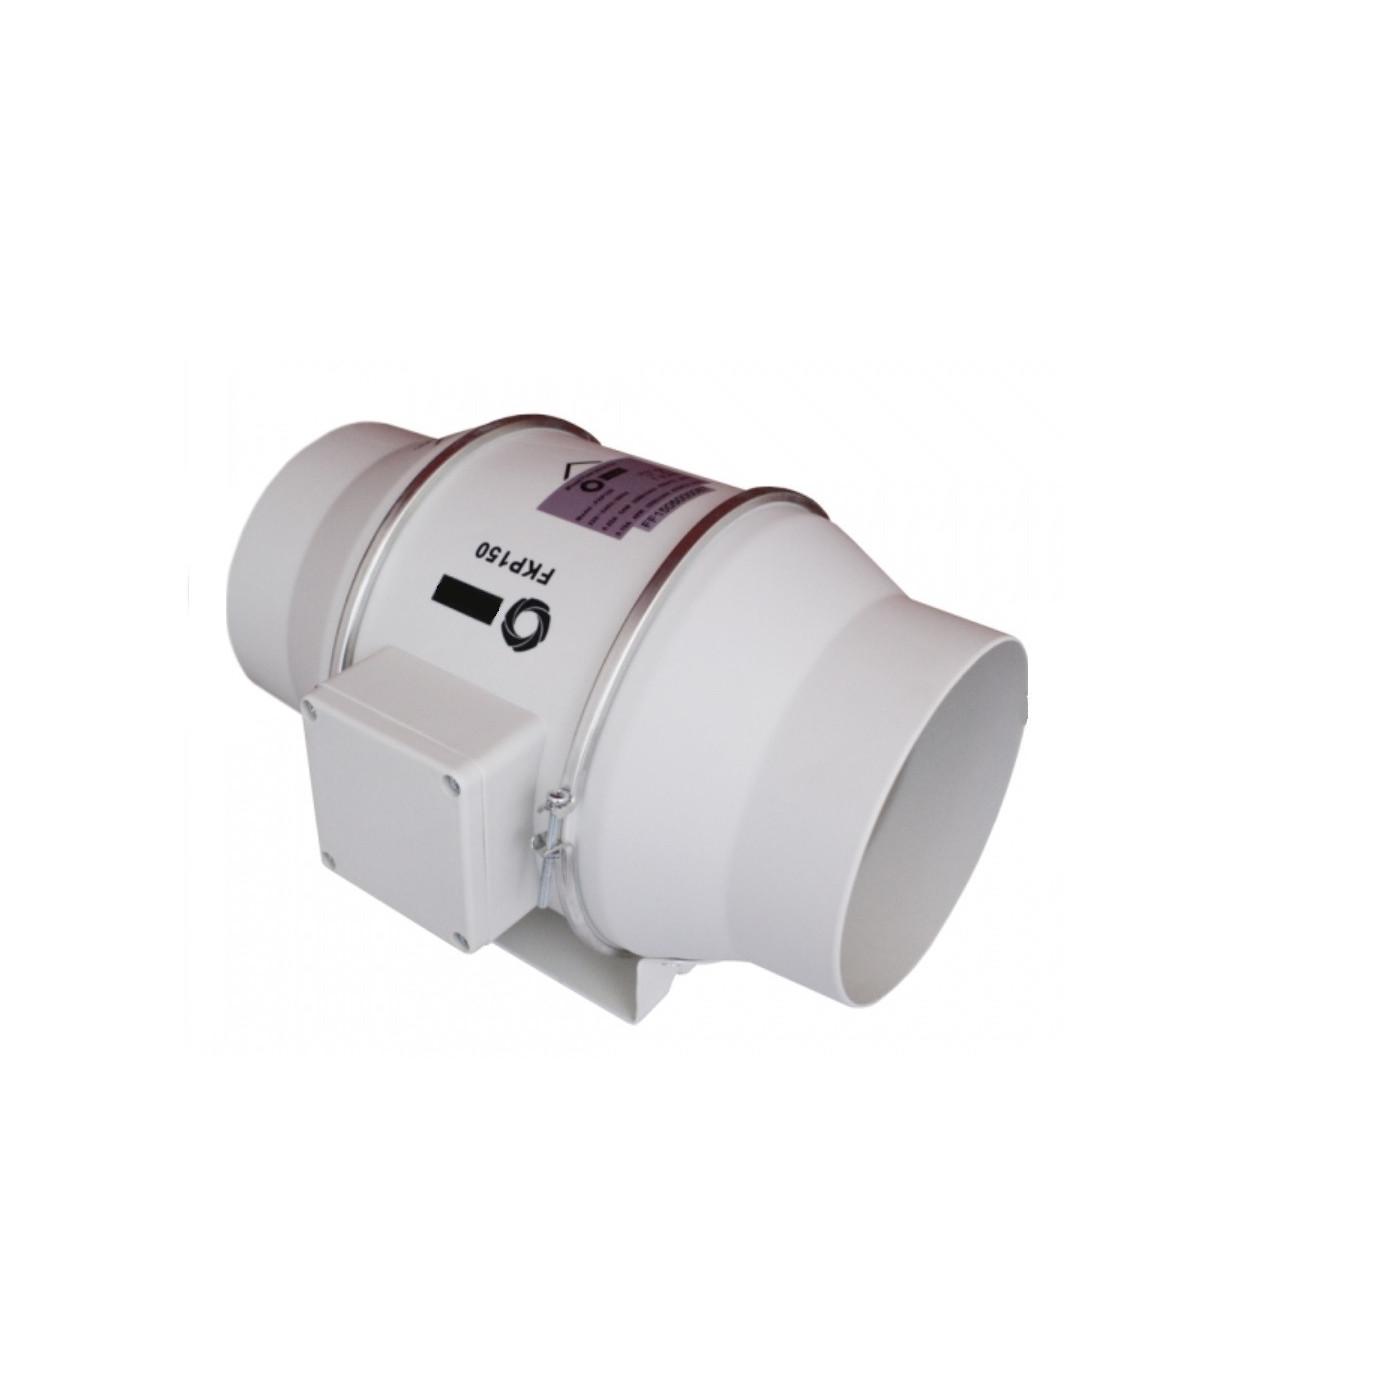 Rohrventilator DN 150 Rohrlüfter Ventilator Kanallüfter Ablüfter Kanalventilator